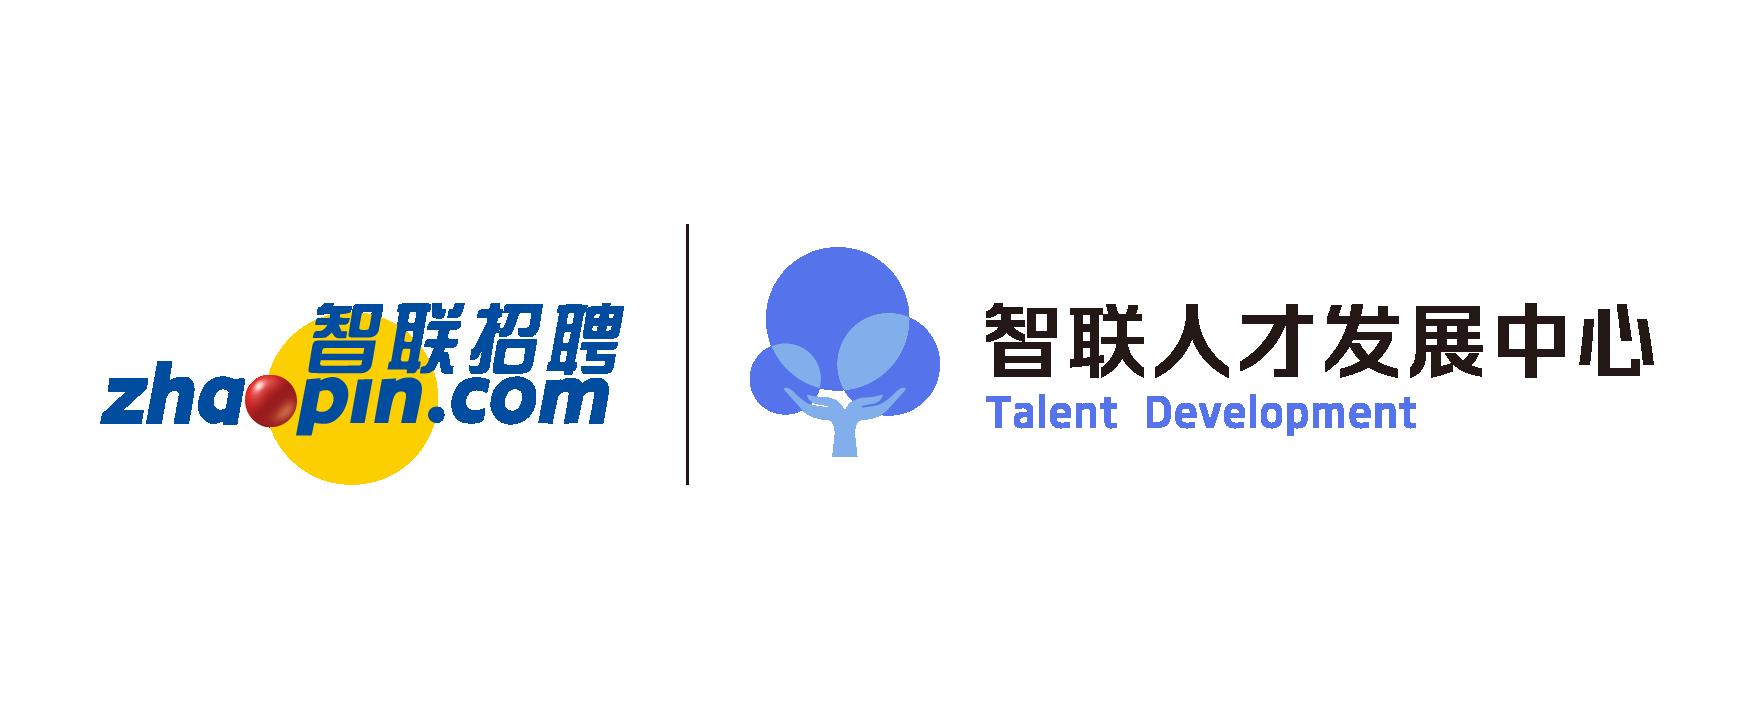 北京网聘咨询有限公司